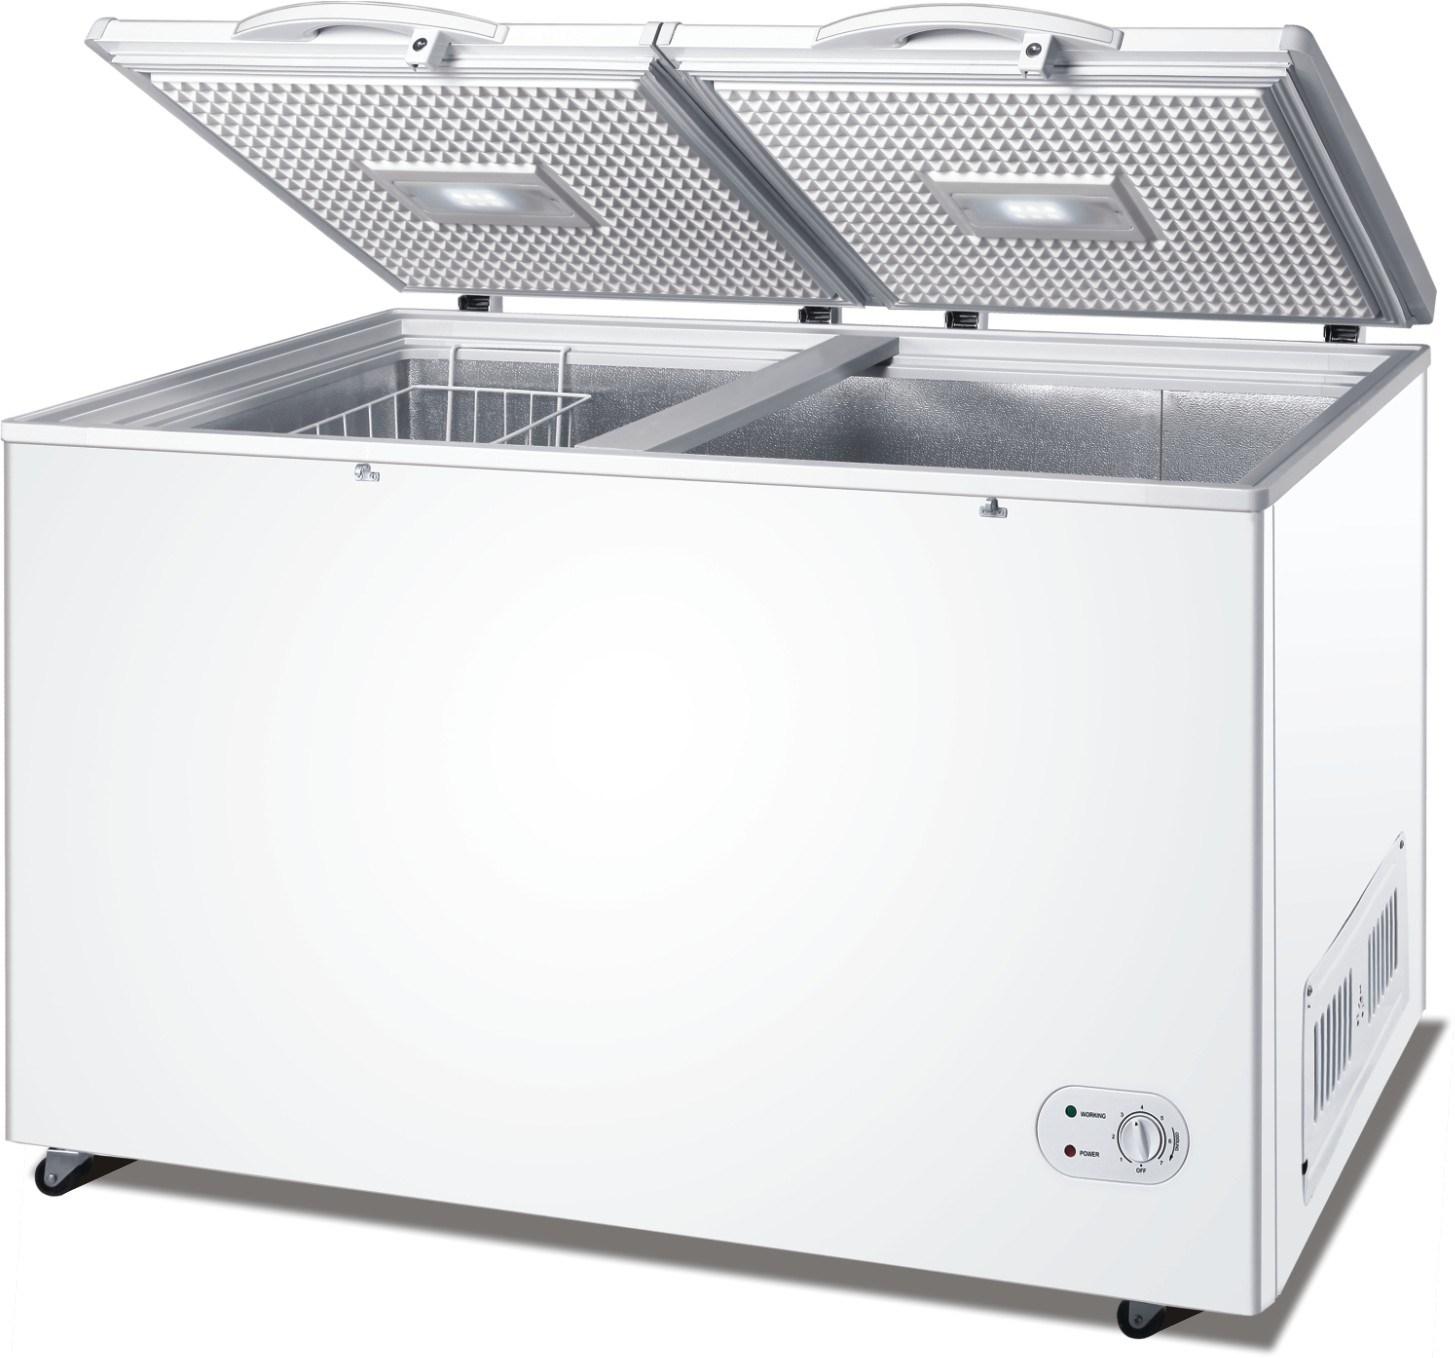 China Chest Freezer Js Bd 550 China Chest Freezer Freezer